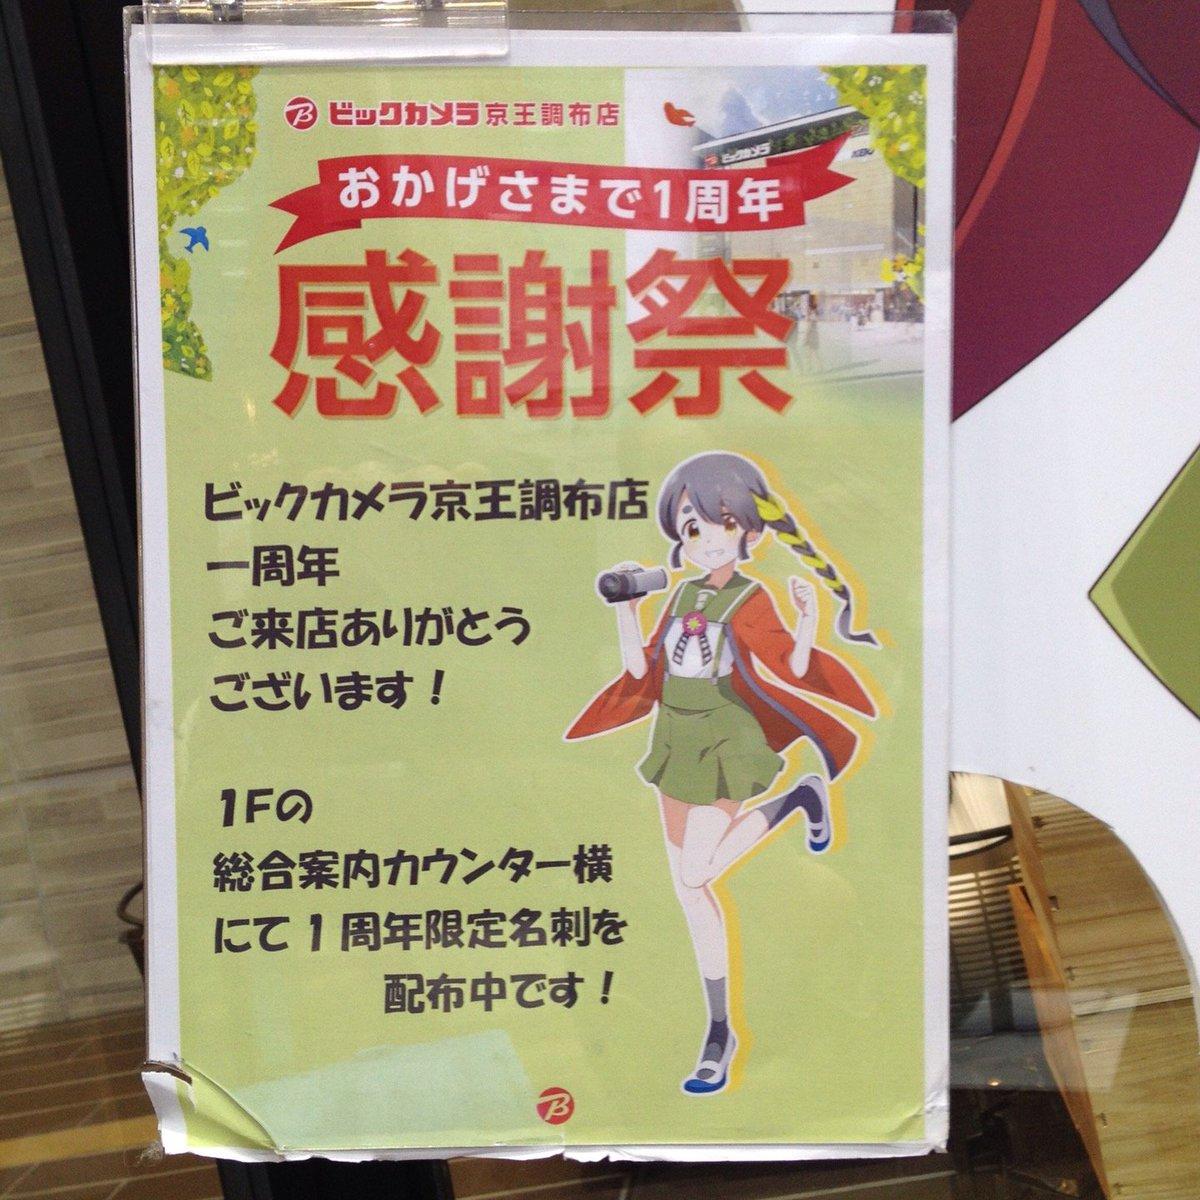 ビックカメラ 京王調布店 調布たん(おかげさまで1周年 感謝祭)